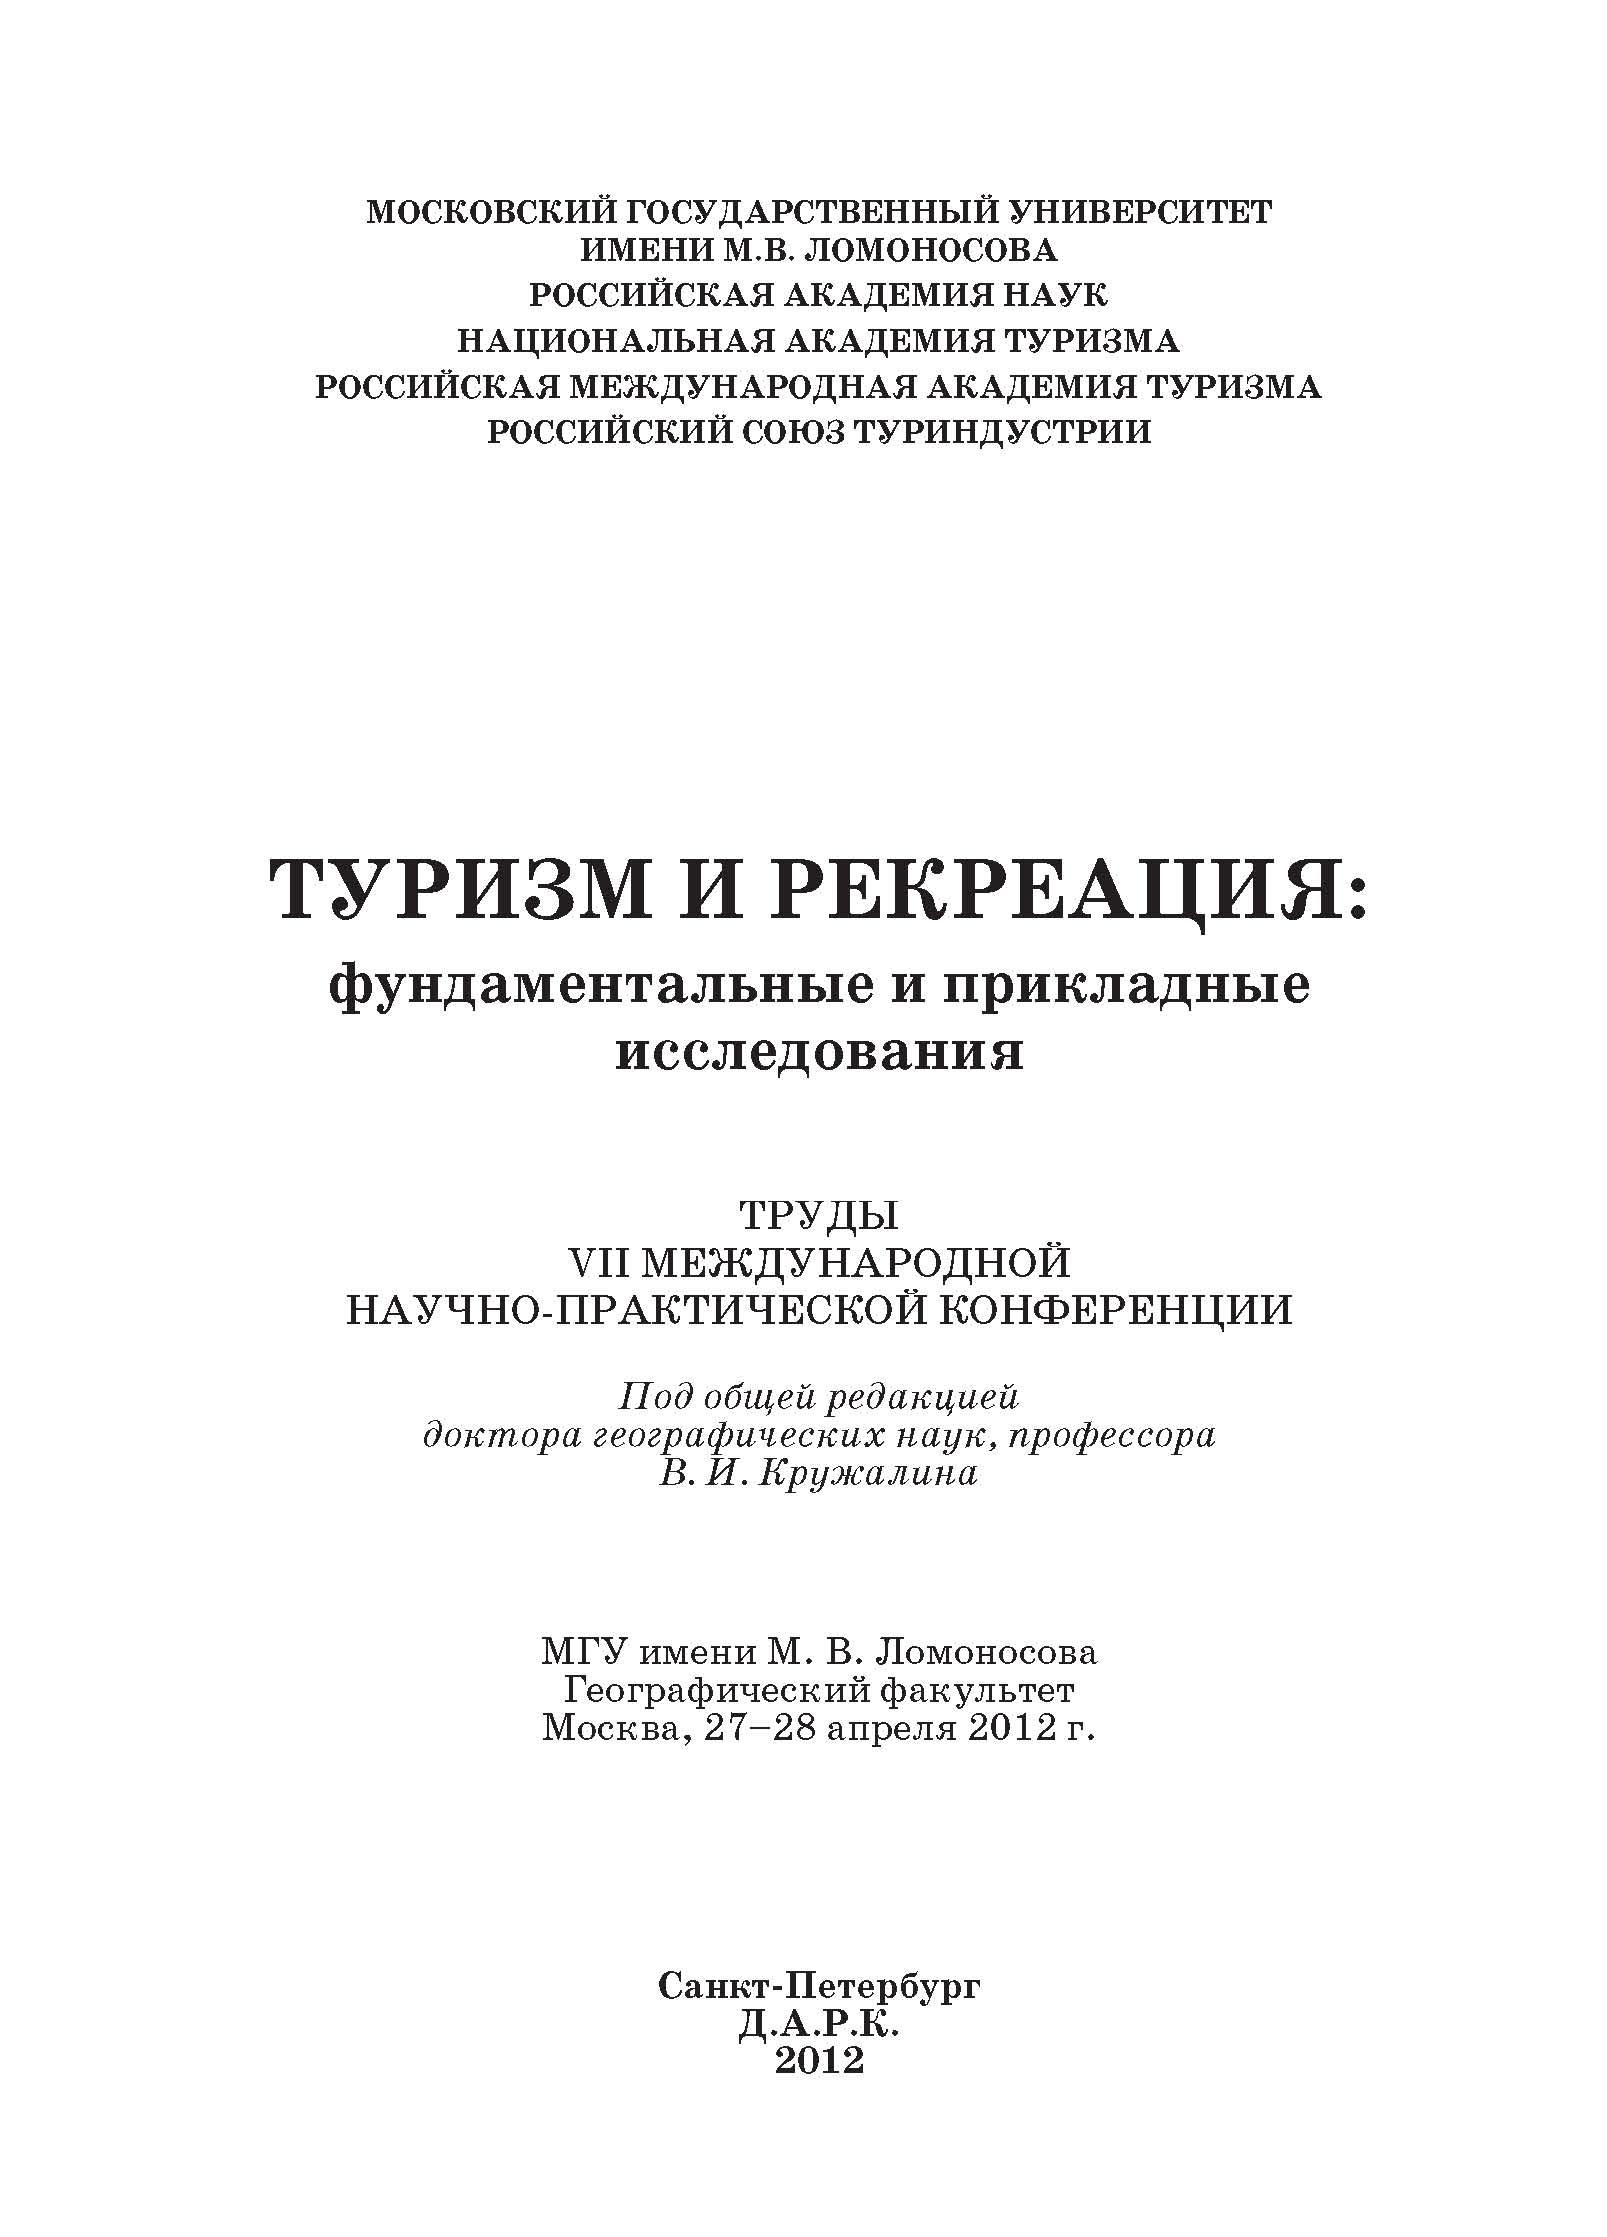 Современное состояние, проблемы и тенденции развития туризма в Нижегородской области